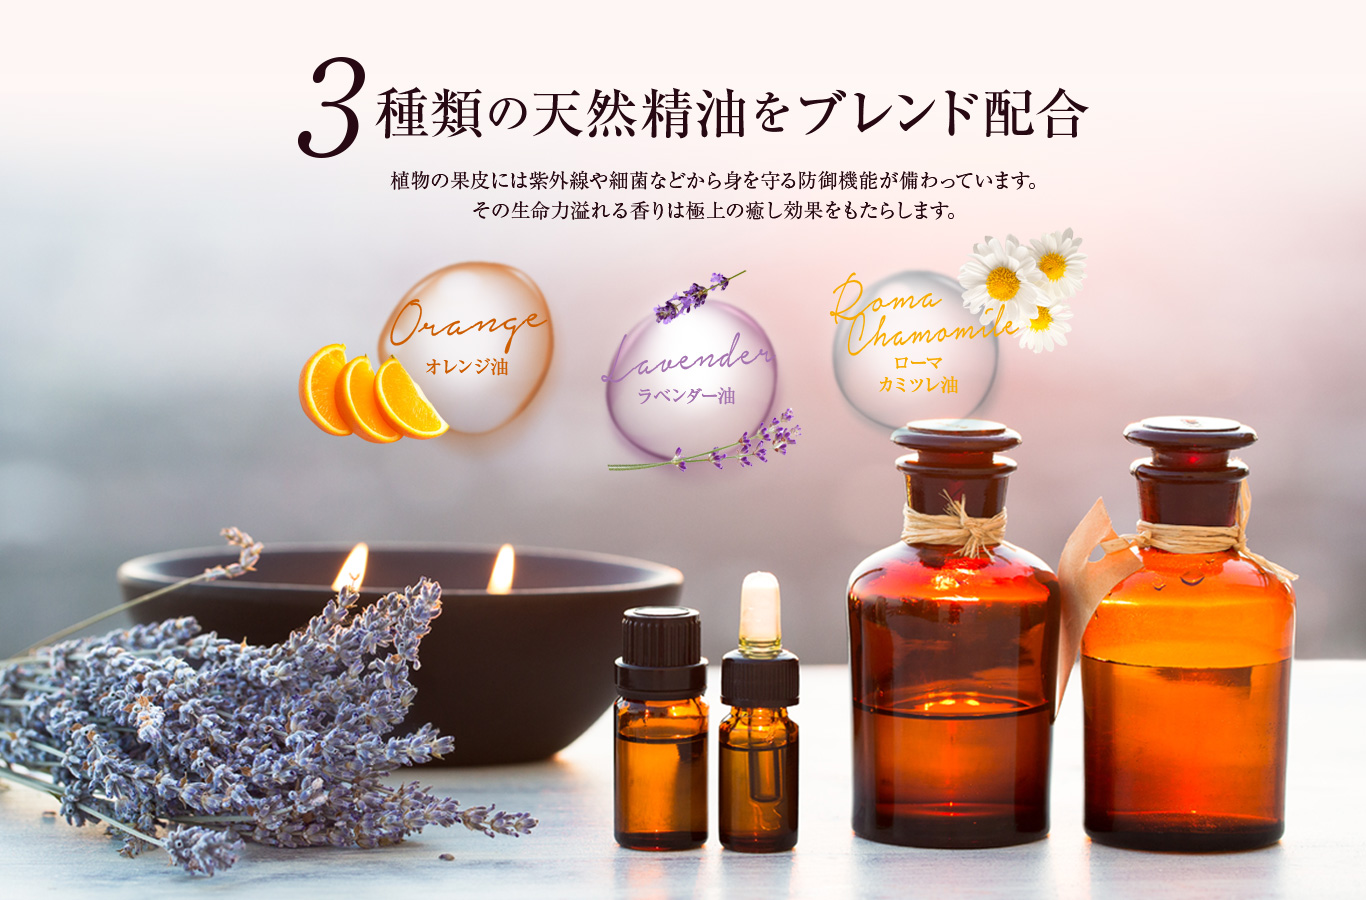 3種類の天然精油をブレンド配合